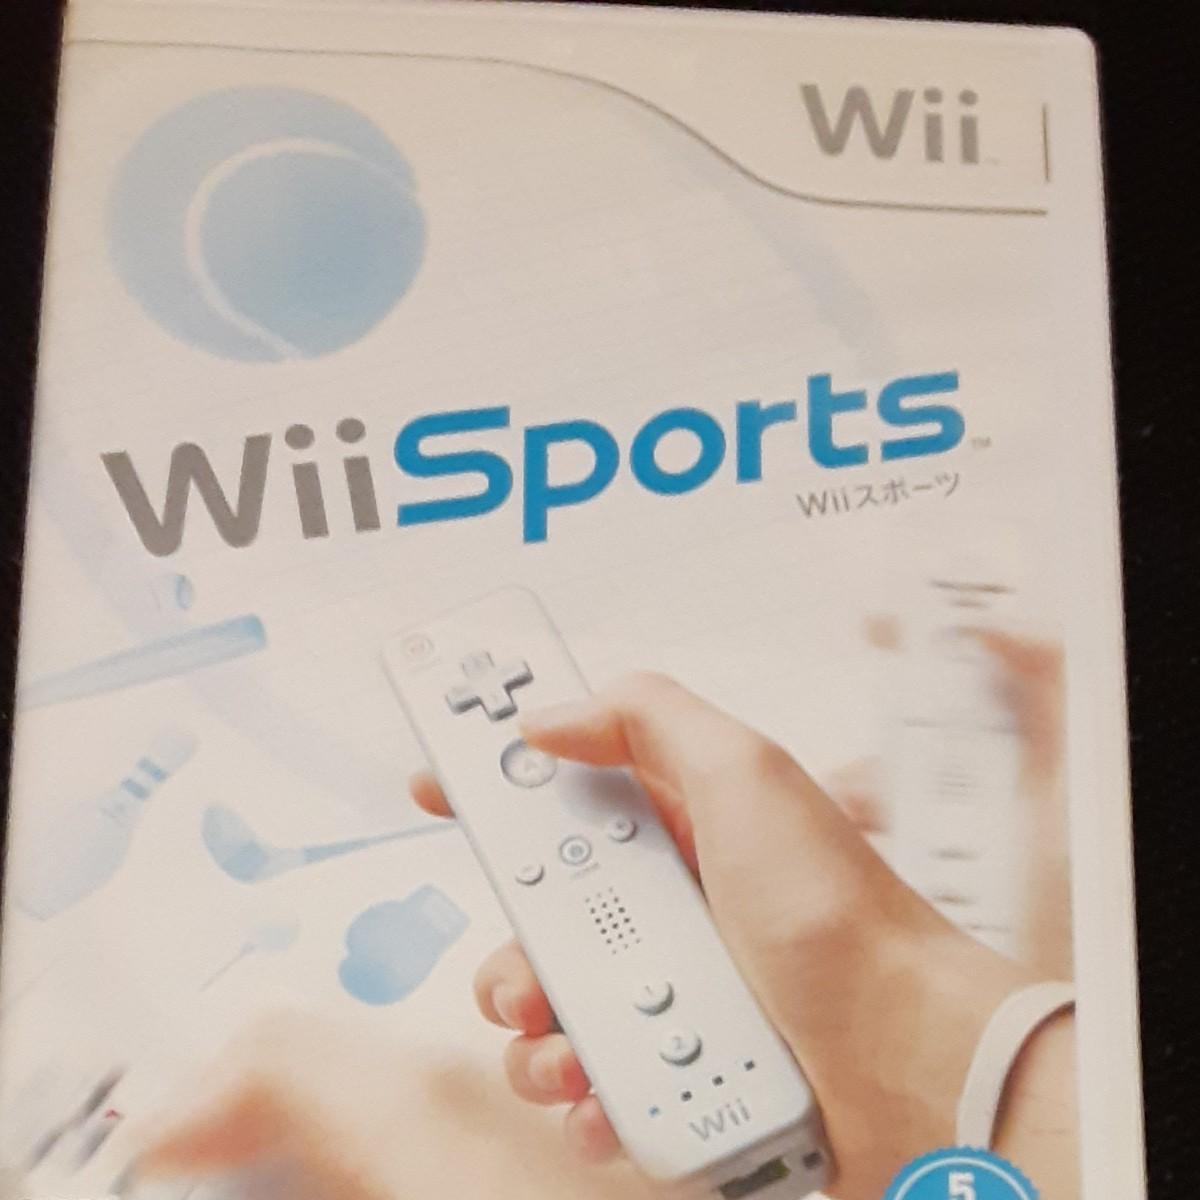 【Wii】 Wii Sports Wiiスポーツ Wiiソフト 任天堂